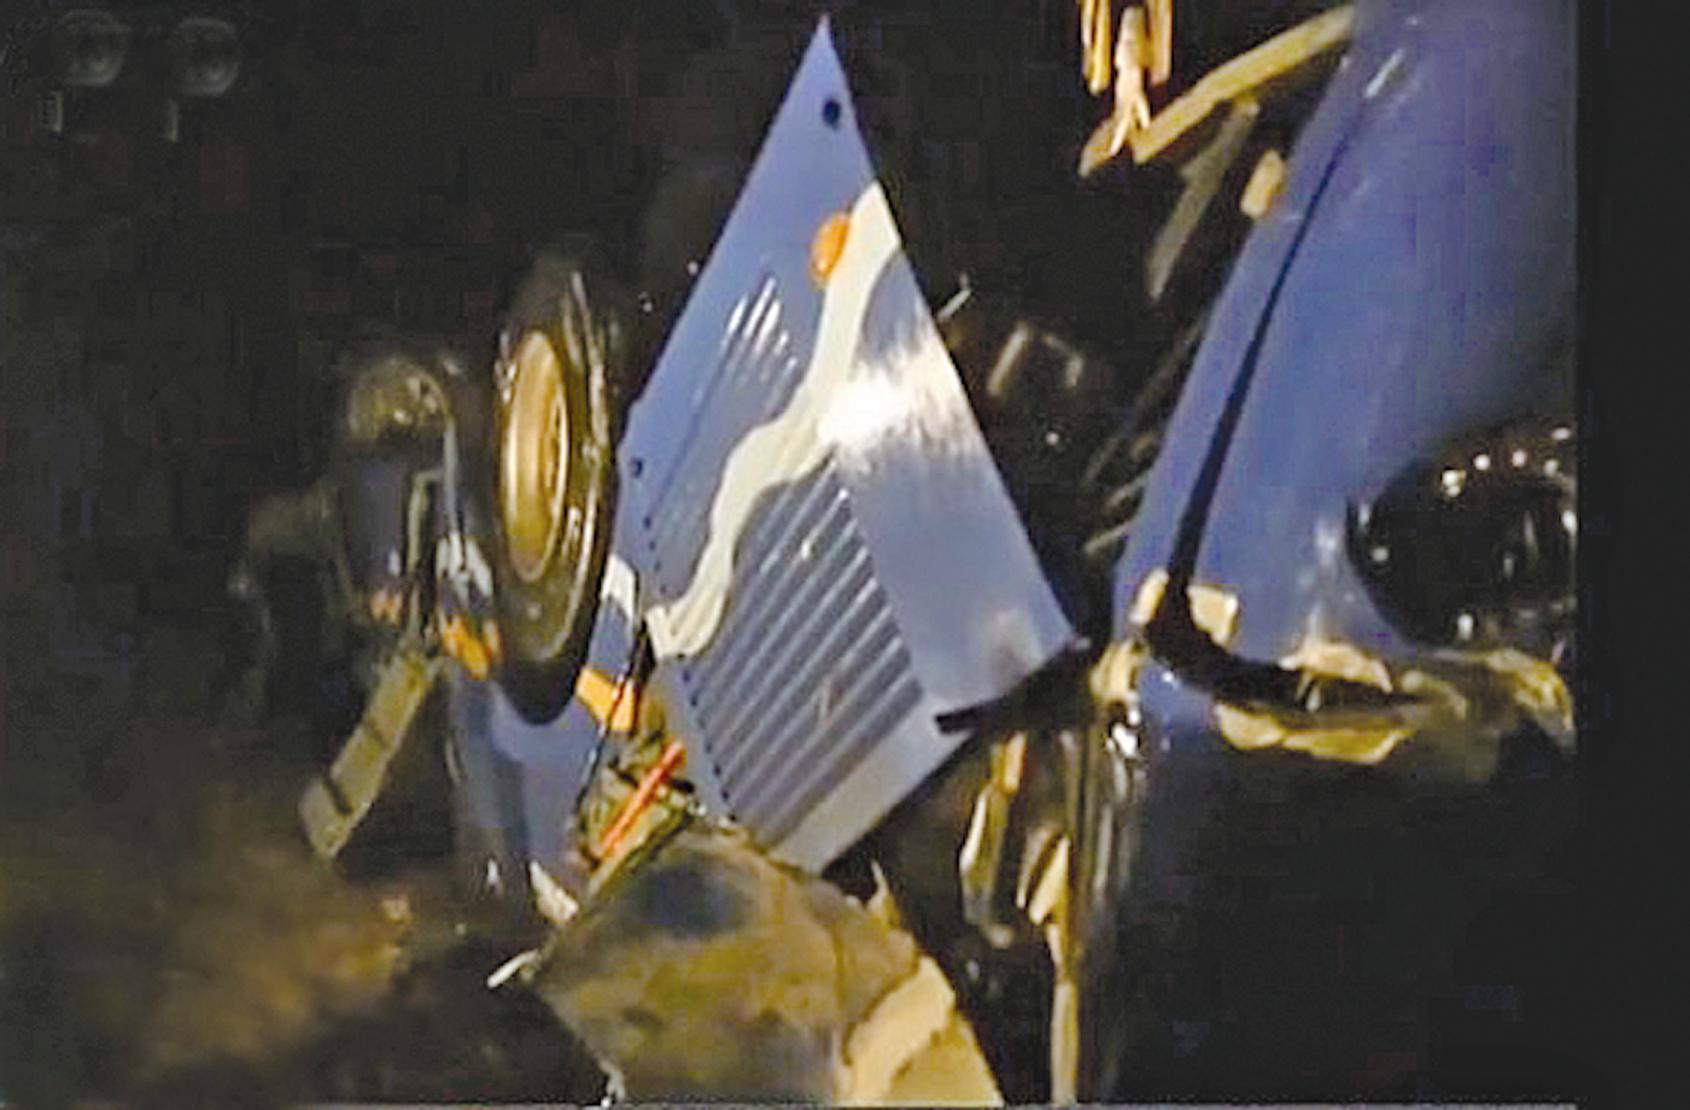 中國旅遊巴士北韓墜橋|大紀元時報 香港|獨立敢言的良心媒體